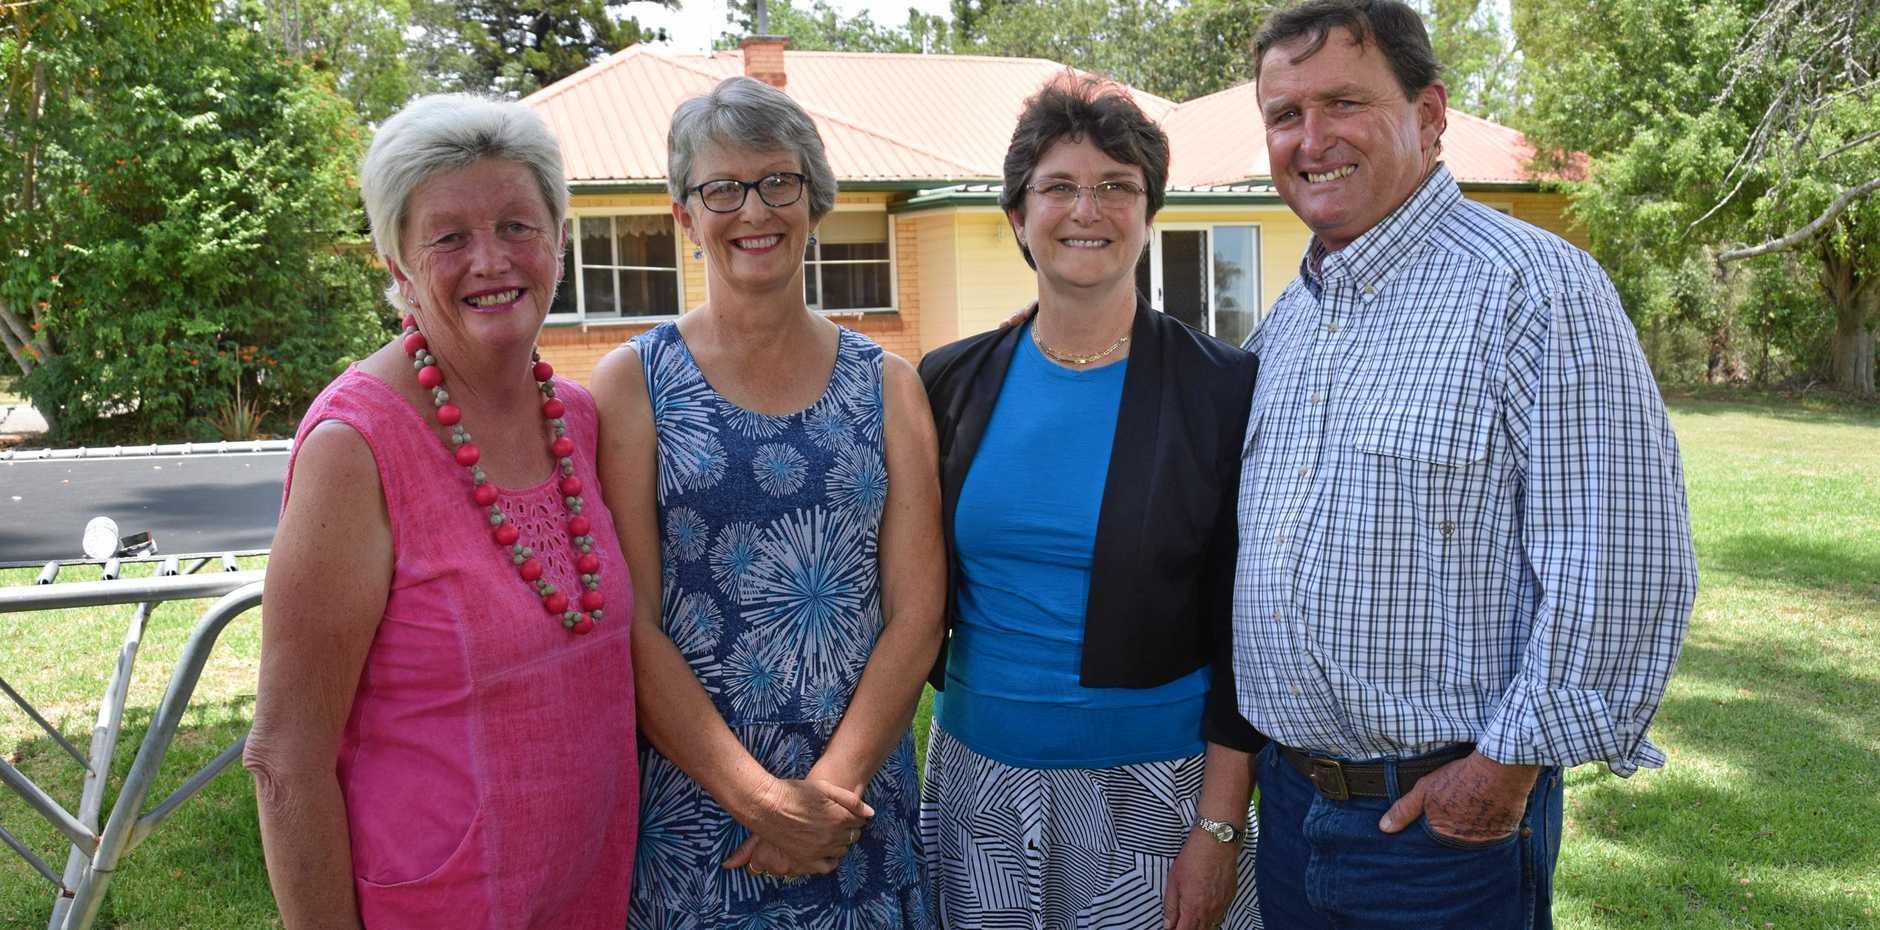 FAREWELL, MUM: The Bjelke-Petersen family, Ruth Cummins, Helen Folker, Meg Noack and John Bjelke-Petersen, at Bethany.